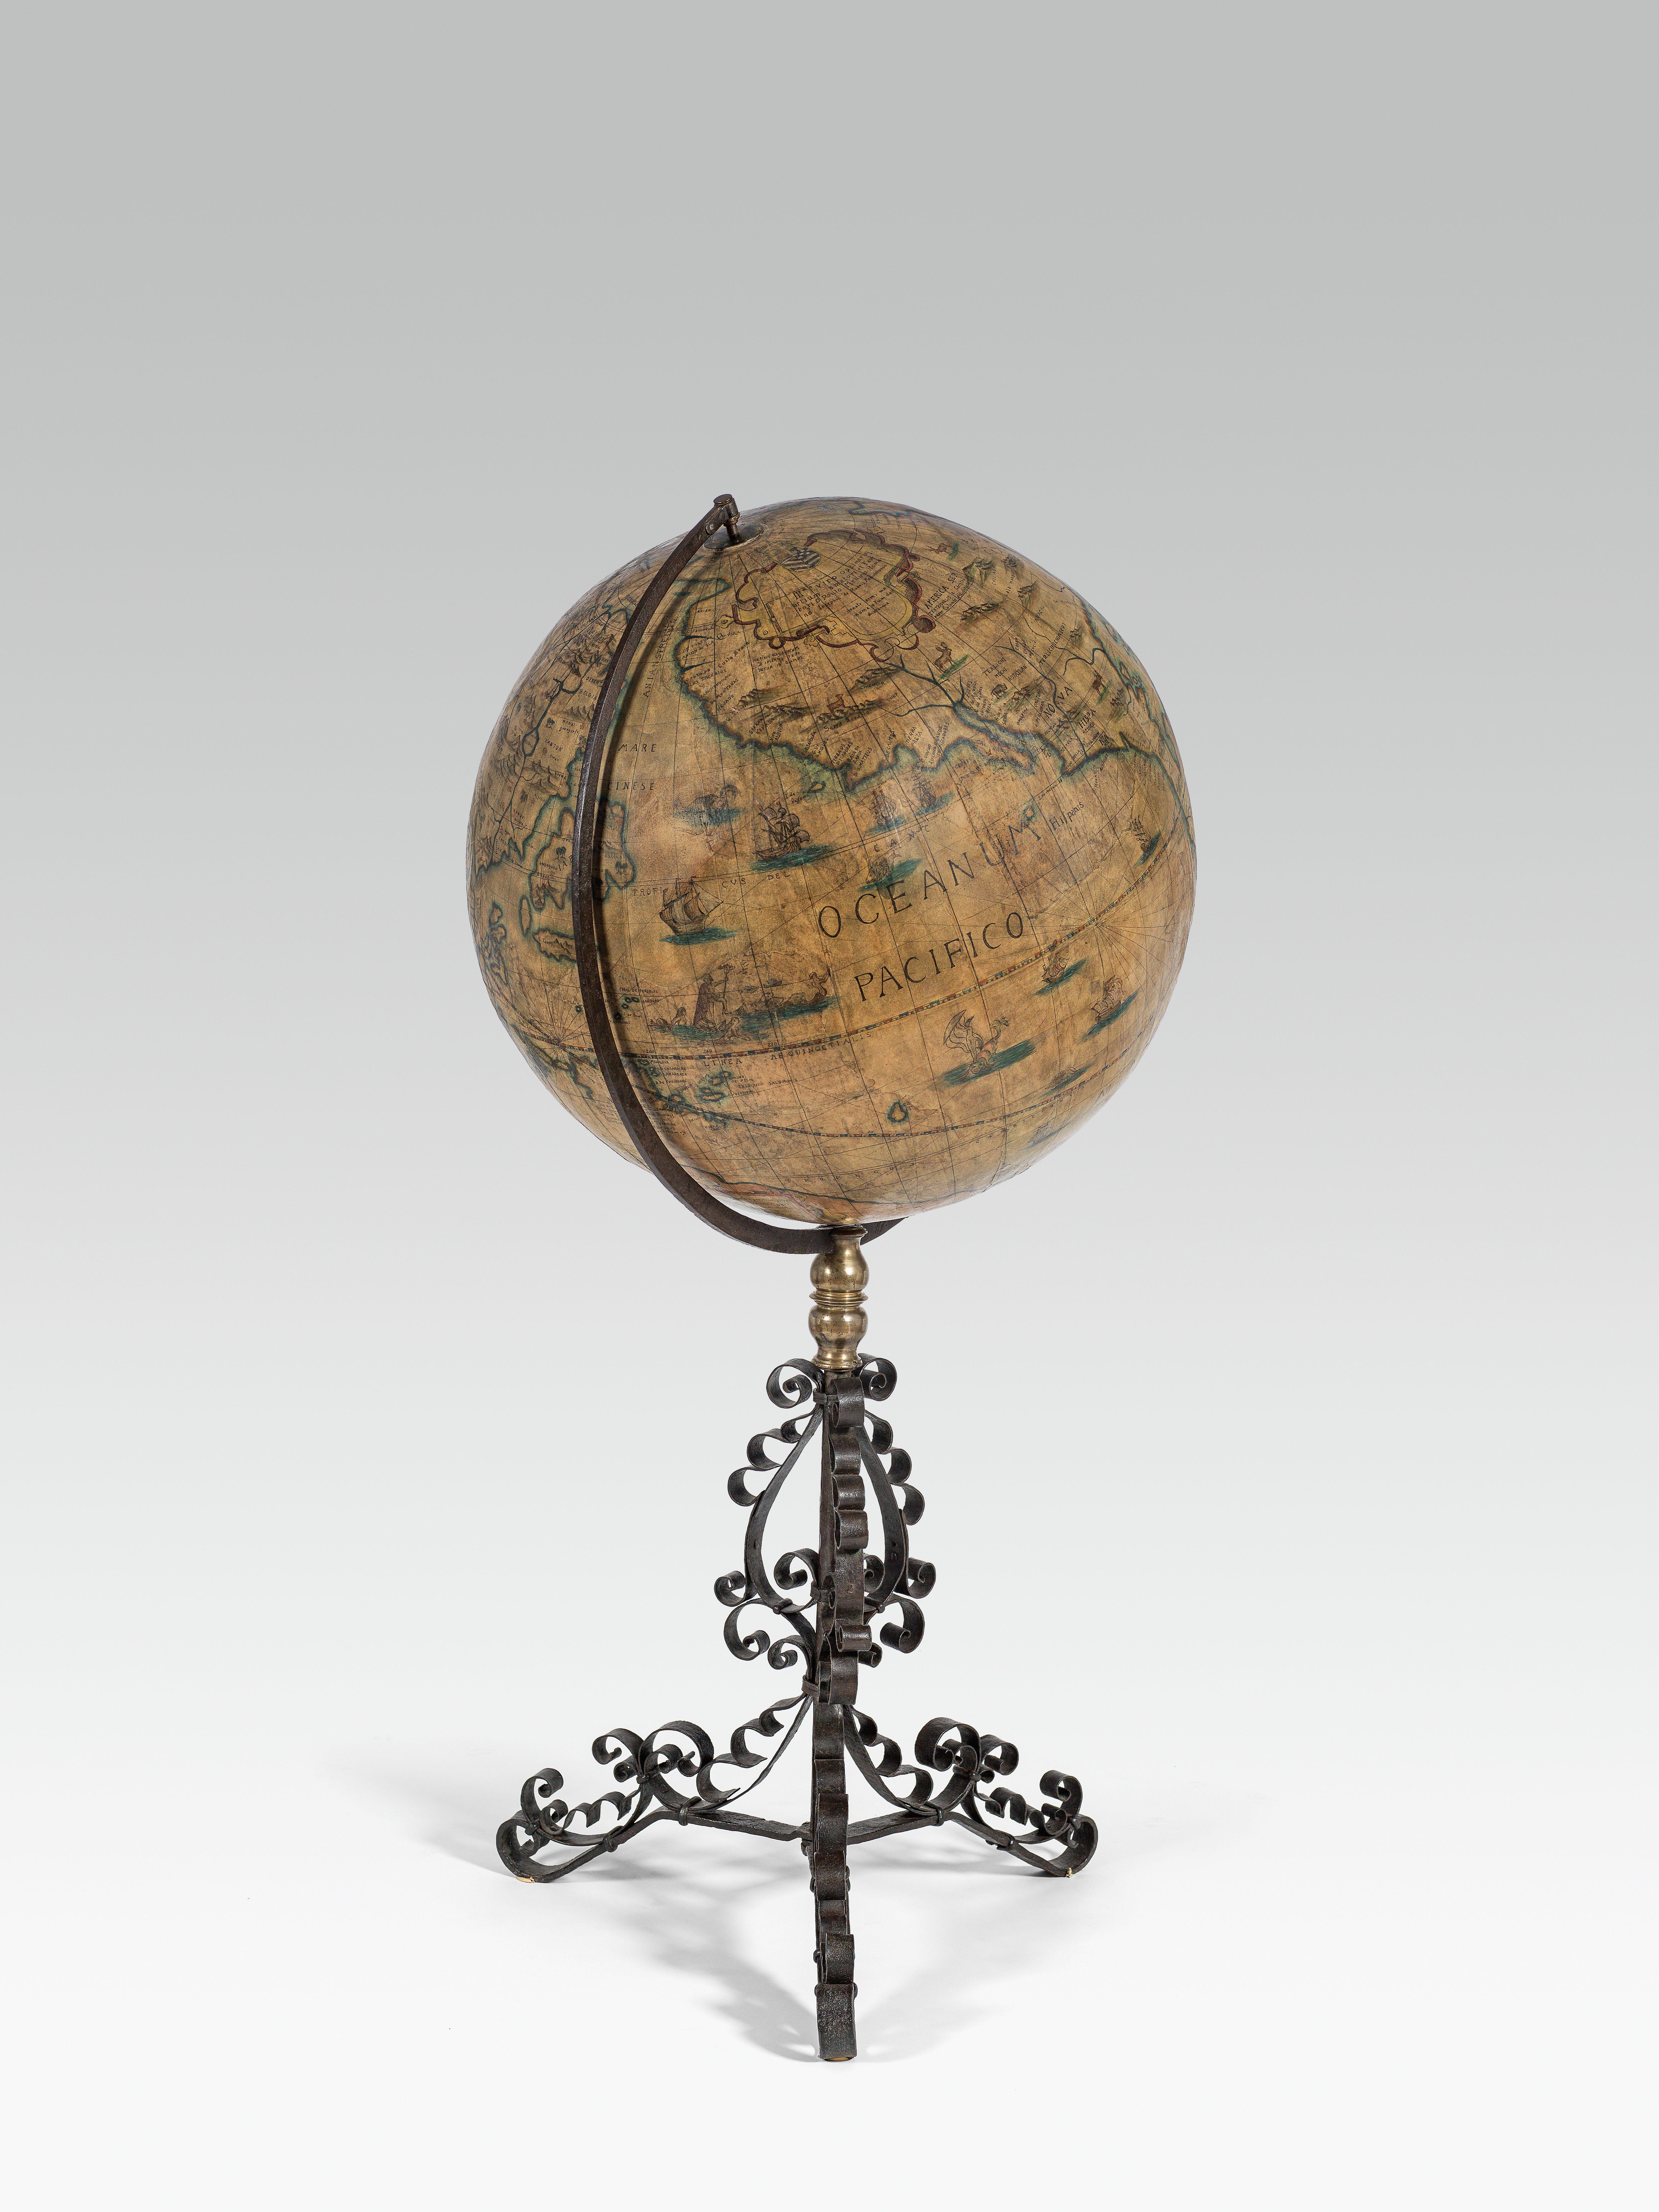 Amazing antique Big globe after Jodocus Hondius the Elder